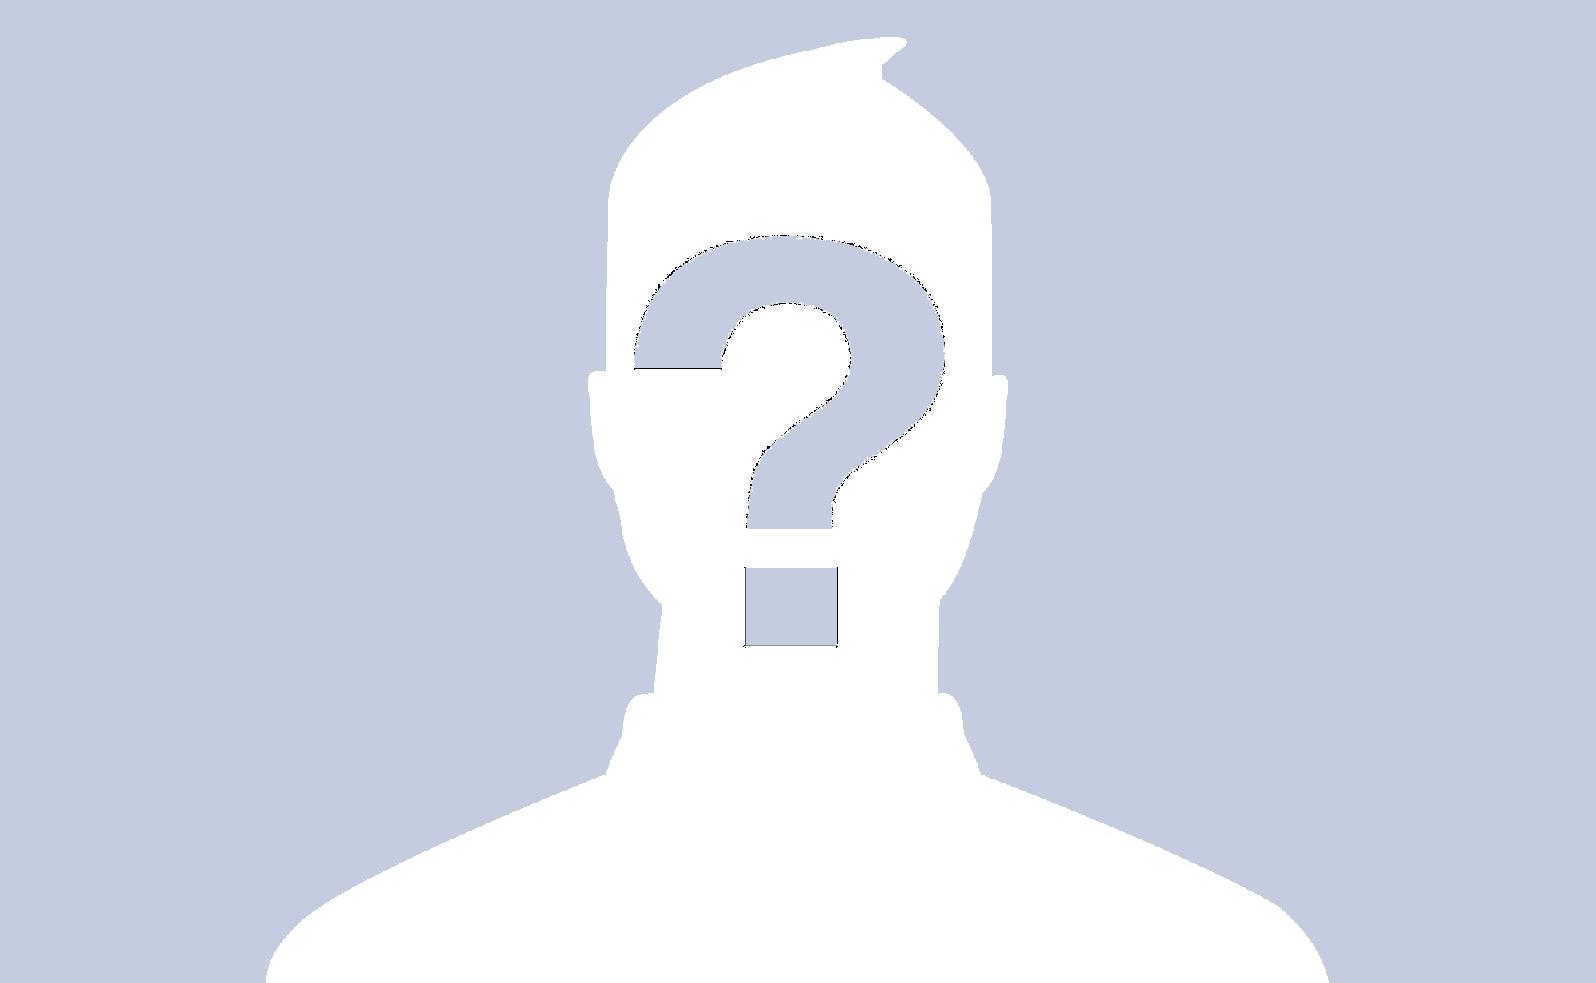 Was sagt mein Facebook-Profilbild über mich aus? - Studiblog